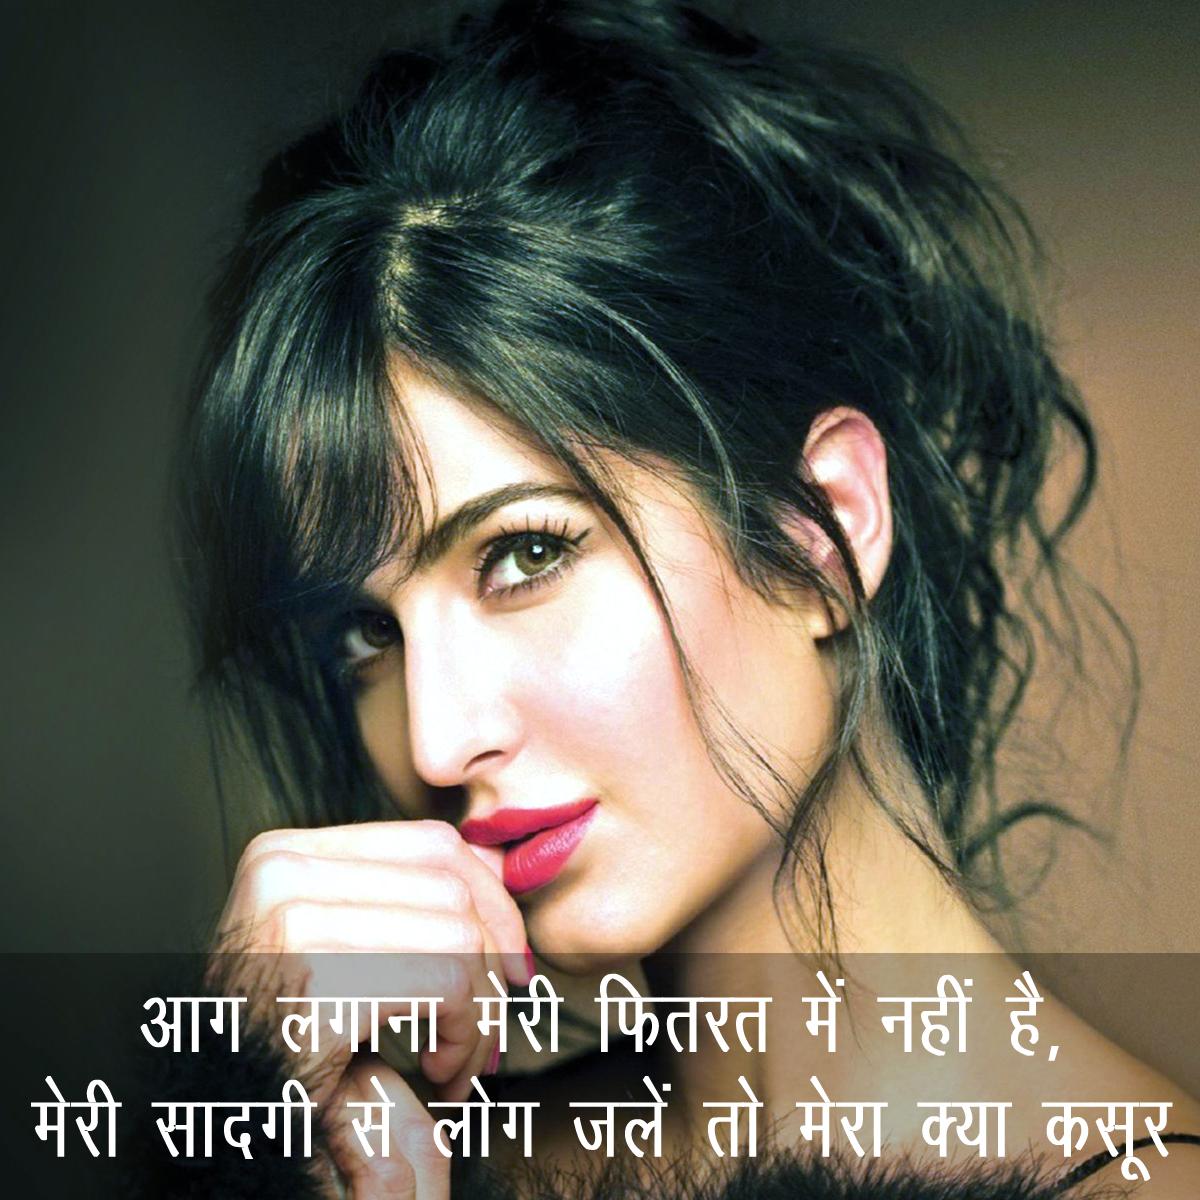 Whatsapp Status In Hindi Shayari | Whatsapp Status In Hindi Attitude